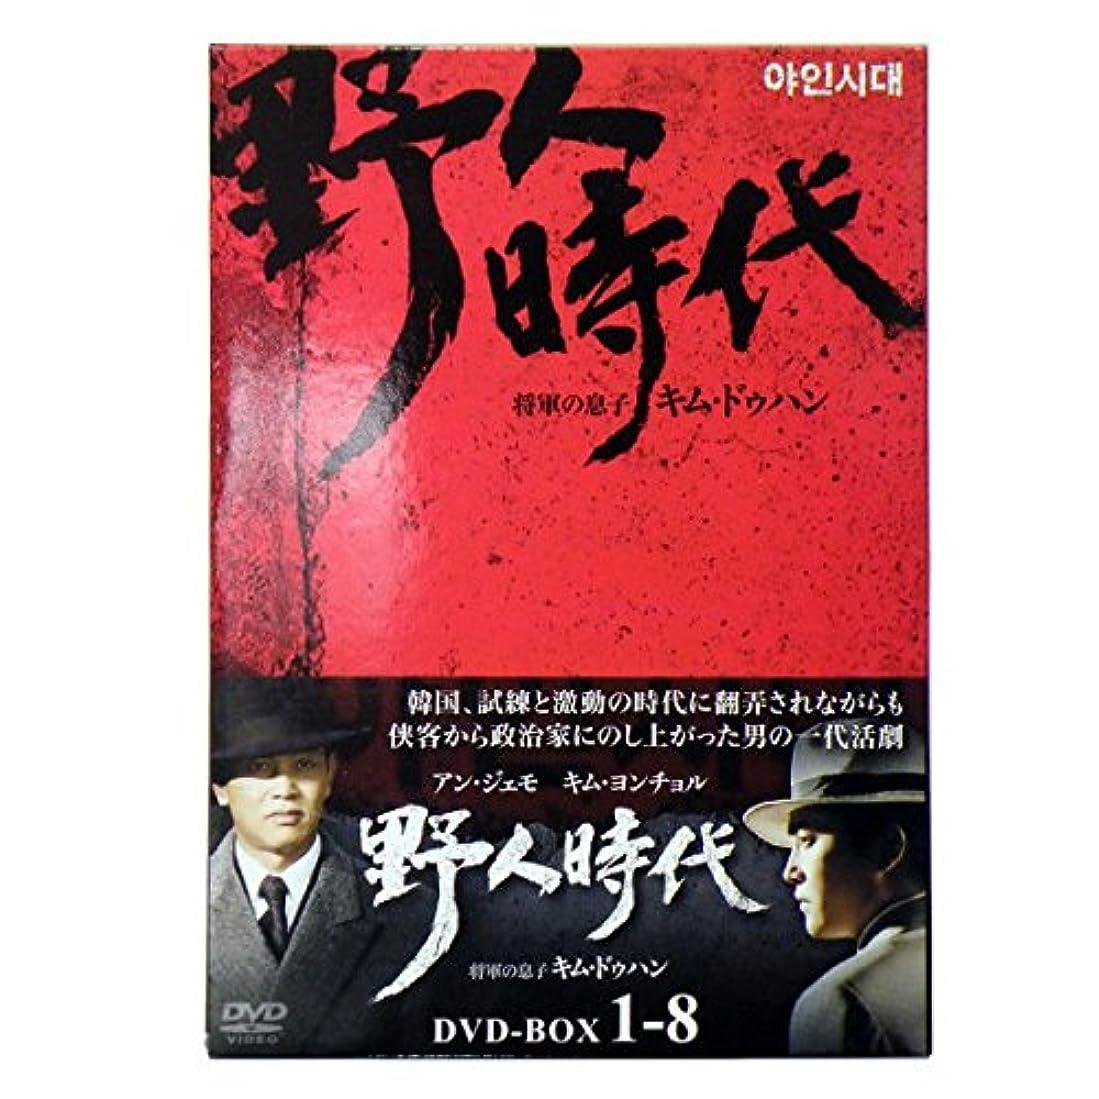 エレベータースキャン口頭野人時代 -将軍の息子 キム?ドゥハン BOX1-8 2010 主演: キム?ヨンチョル